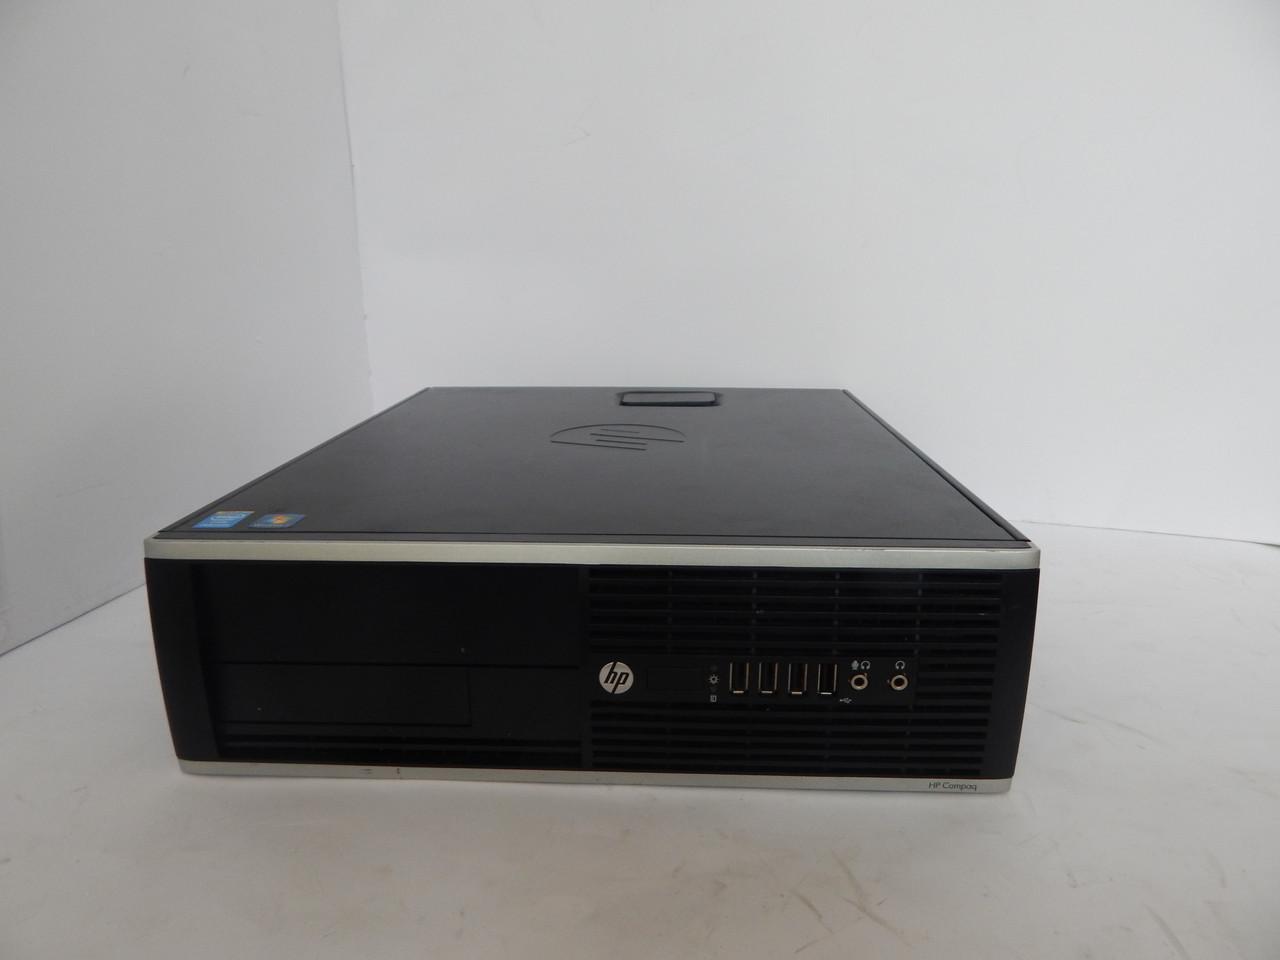 Четырёхъядерный системный блок HP проц. XEON 3220 2.40GHz 4ГБ DDR3 диск 160 ГБ